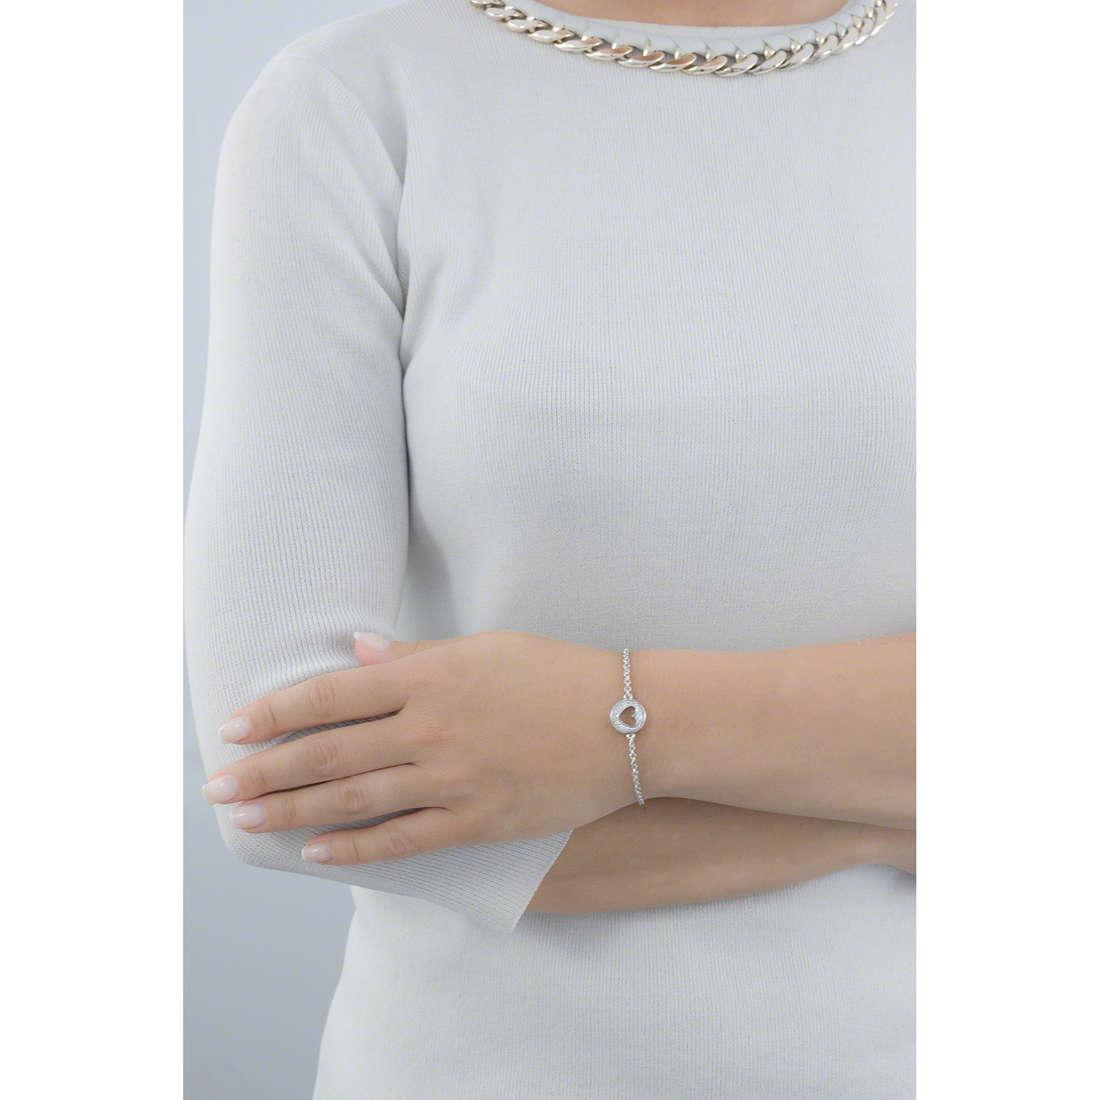 Guess bracelets G Girl femme UBB51495 indosso